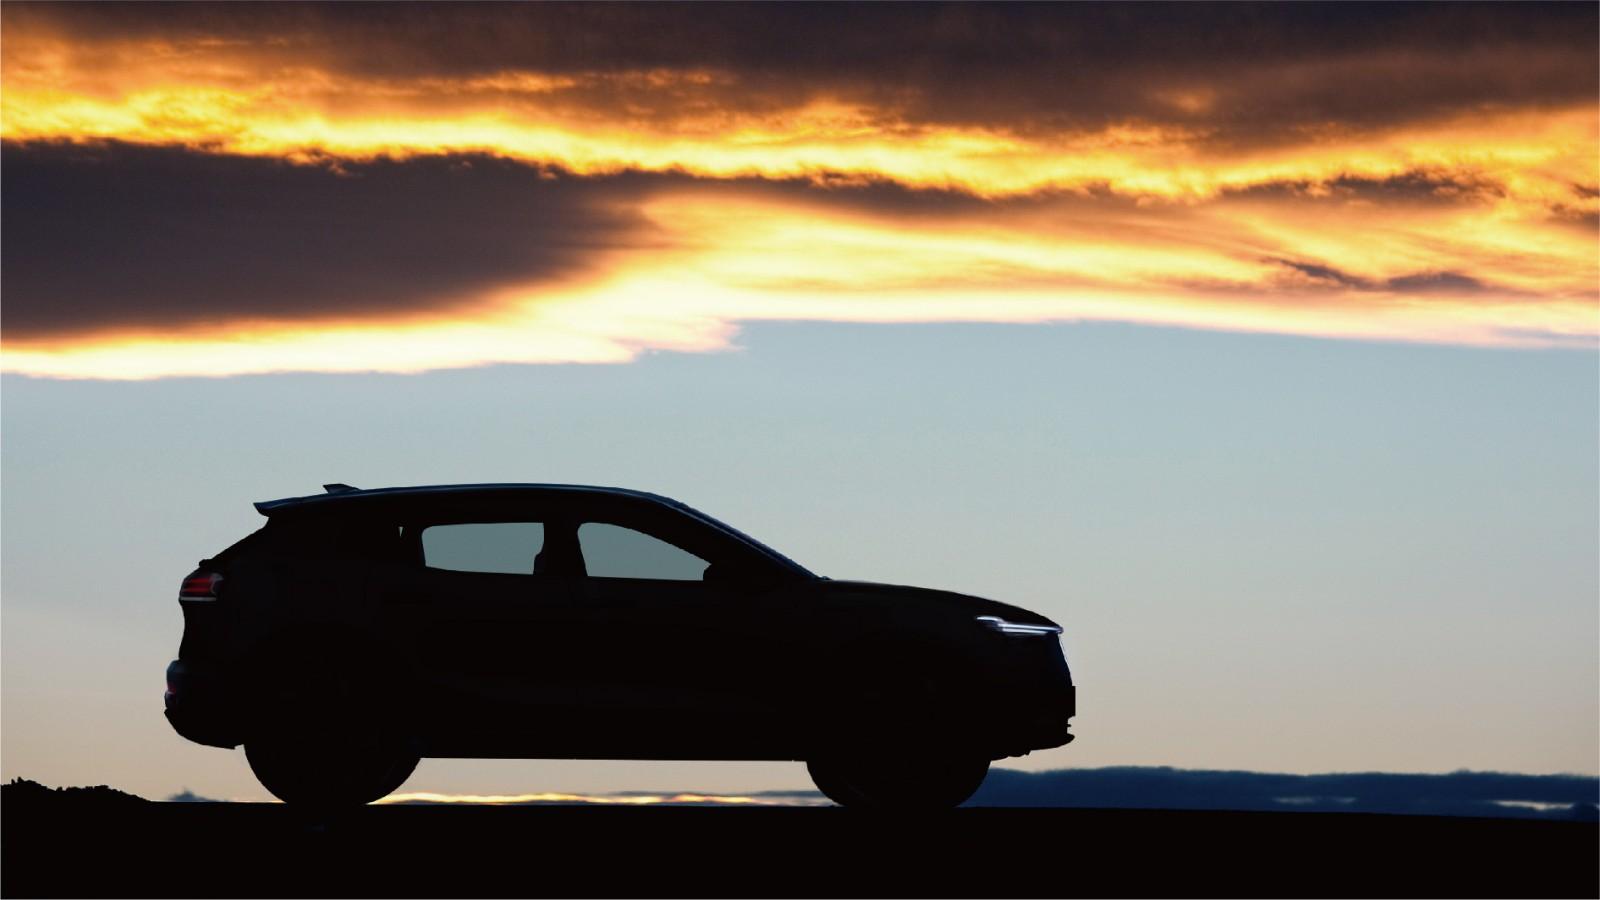 在砂石路况下天际ME7仍能保持良好的空气过滤性和车辆密闭性